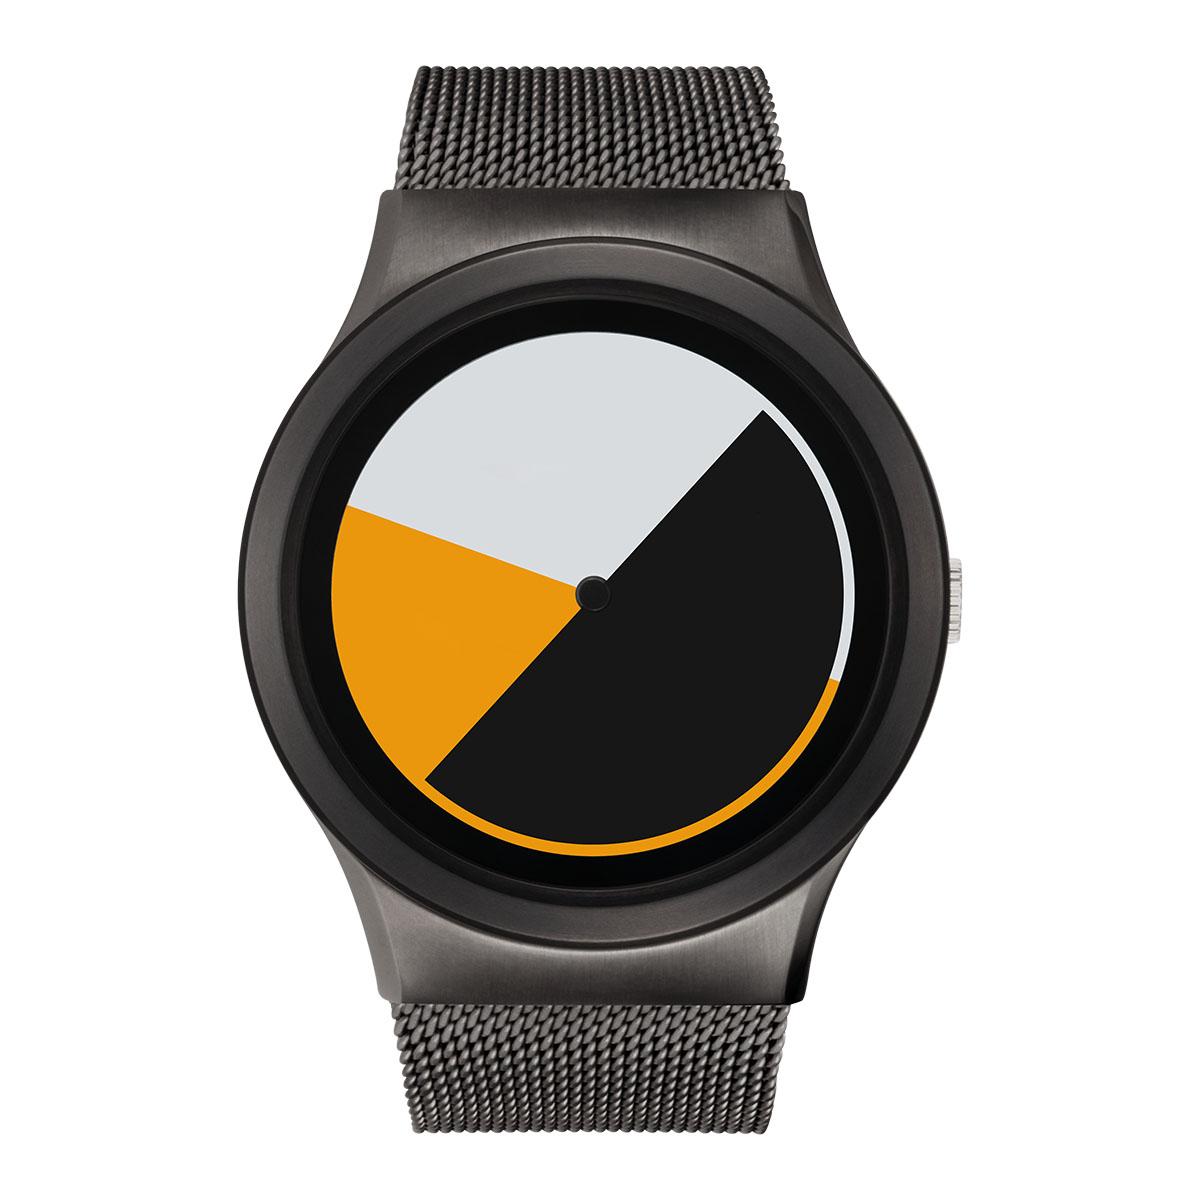 ZEROO COLORED TIME ゼロ 電池式クォーツ 腕時計 [W01001B02SM02] イエロー デザインウォッチ ペア用 メンズ レディース ユニセックス おしゃれ時計 デザイナーズ